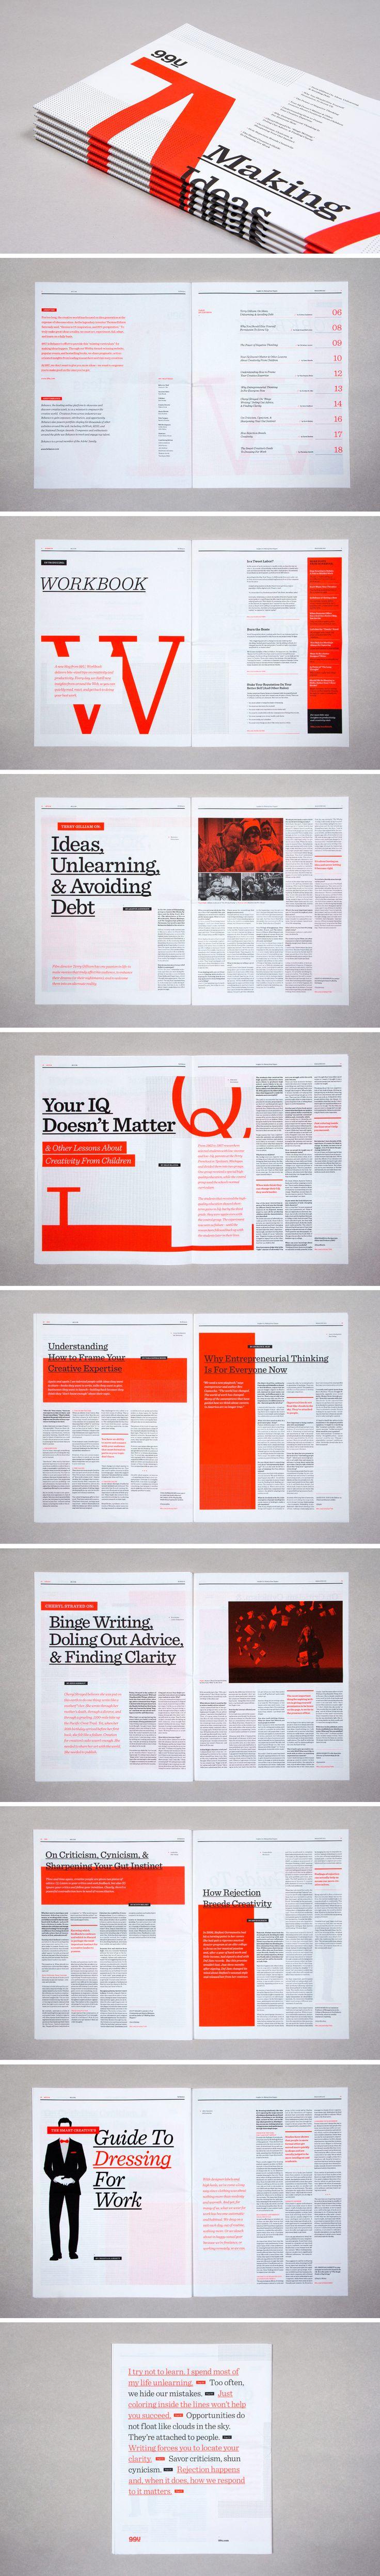 #graphic #design #editorial